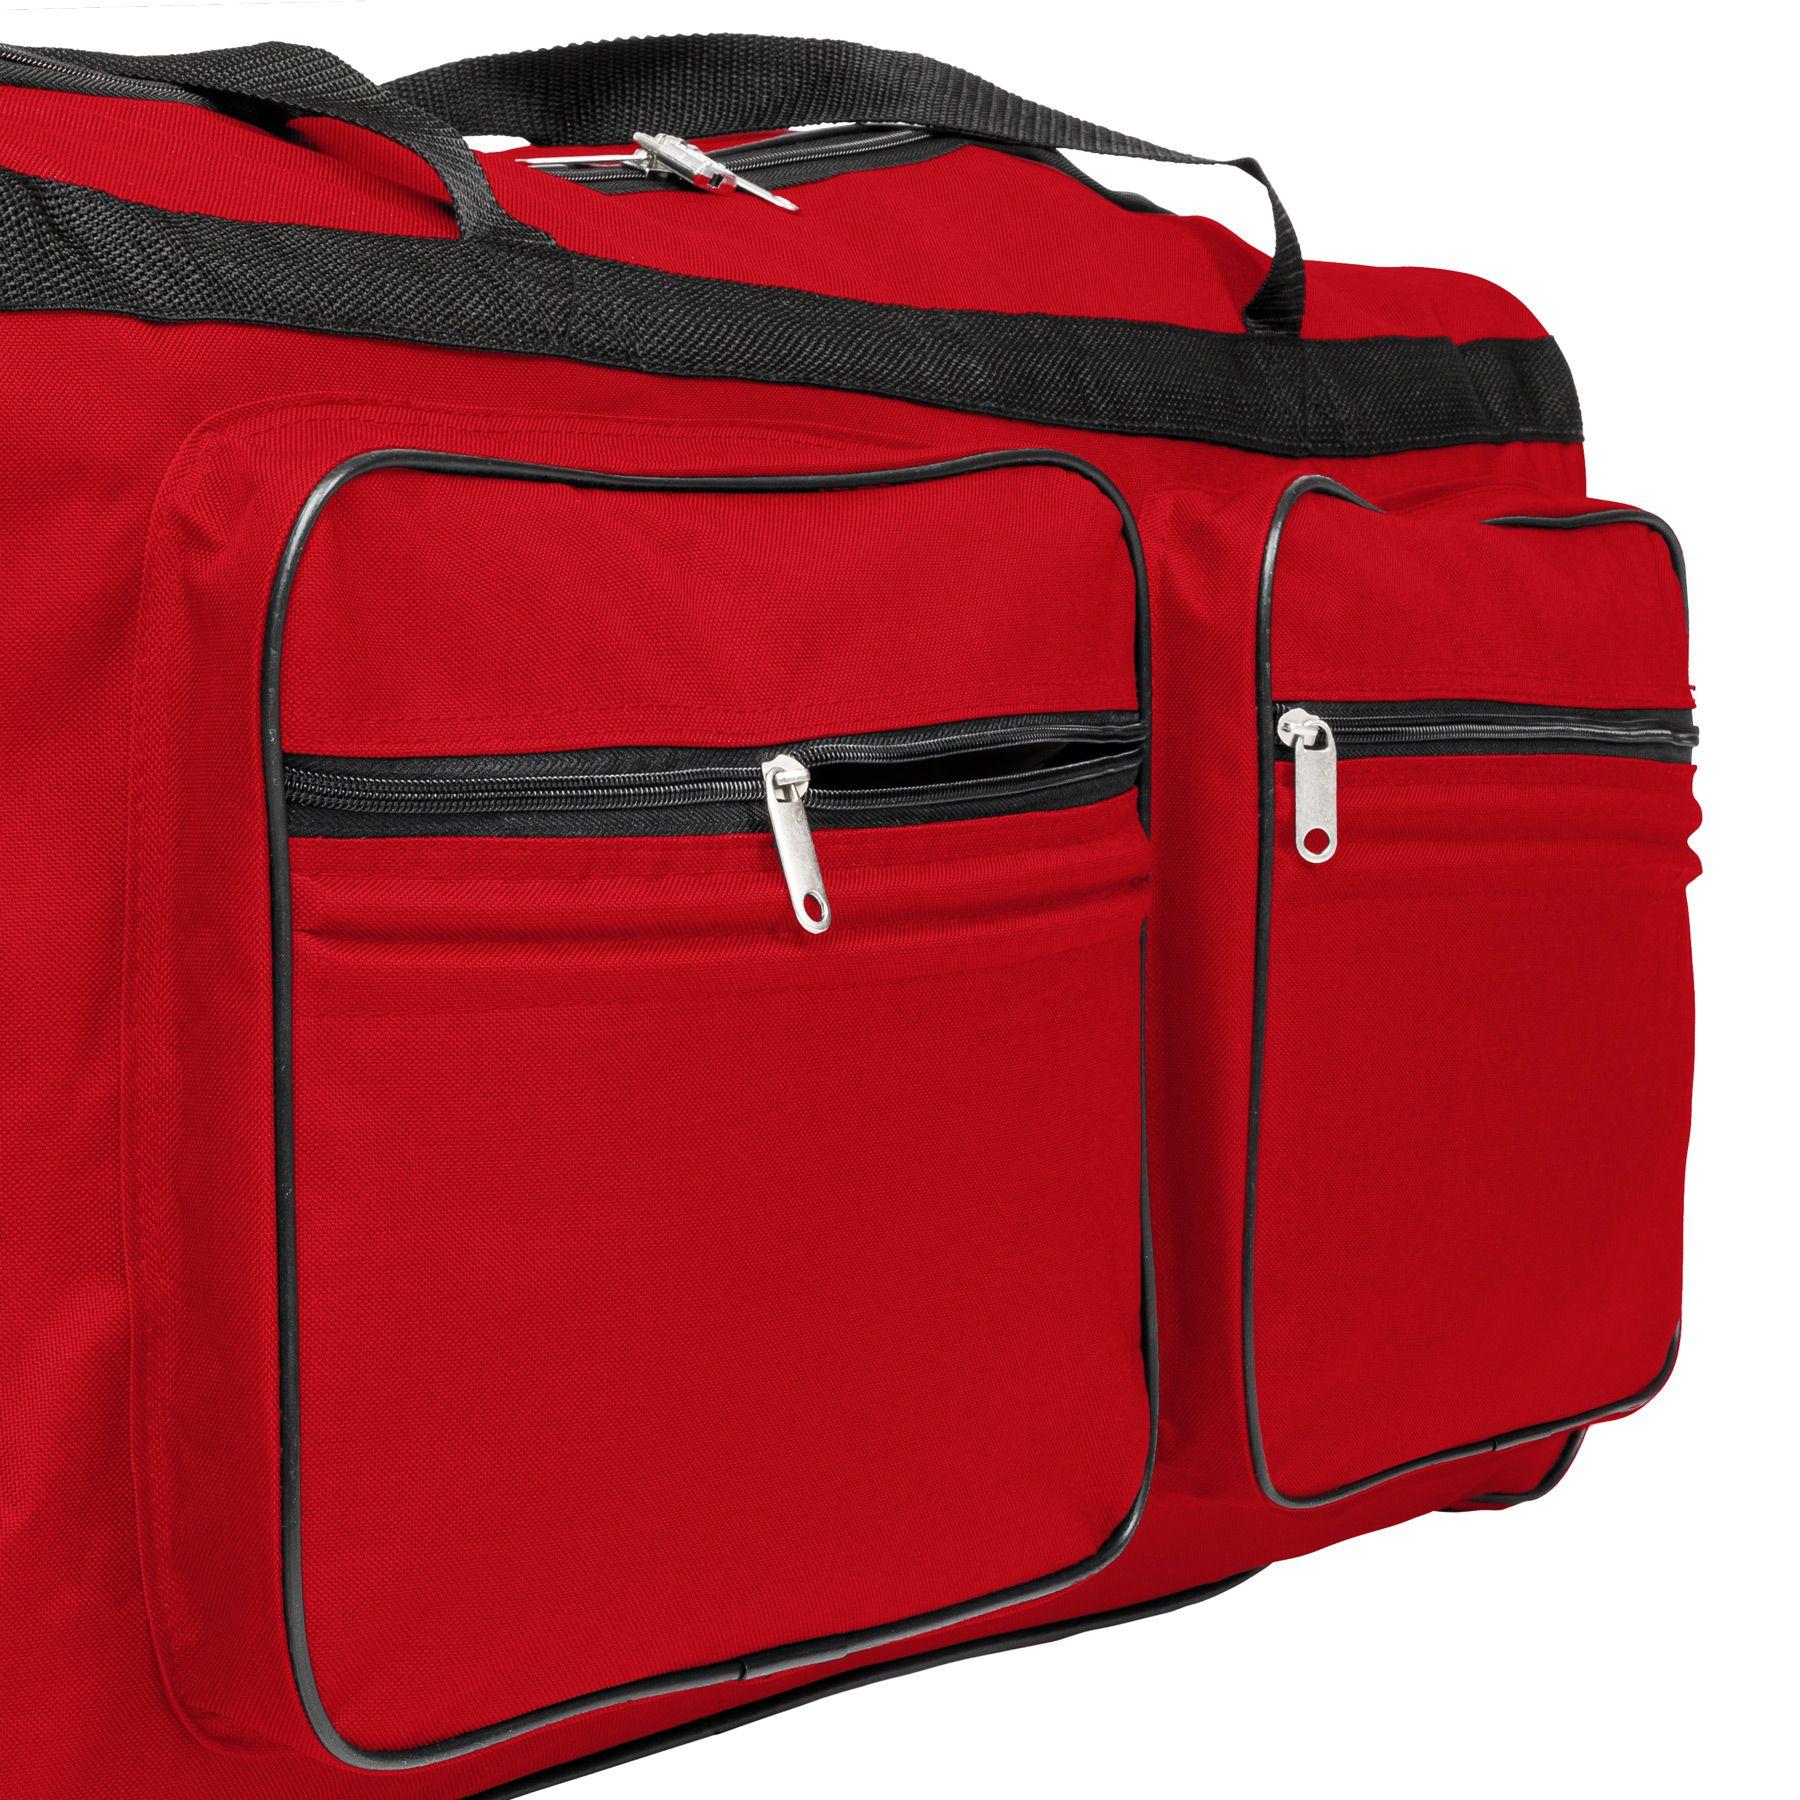 TecTake_Reisetasche_402214_5 Sac de voyage XXL valise trolley légère sport bagage à roulettes 160 litres